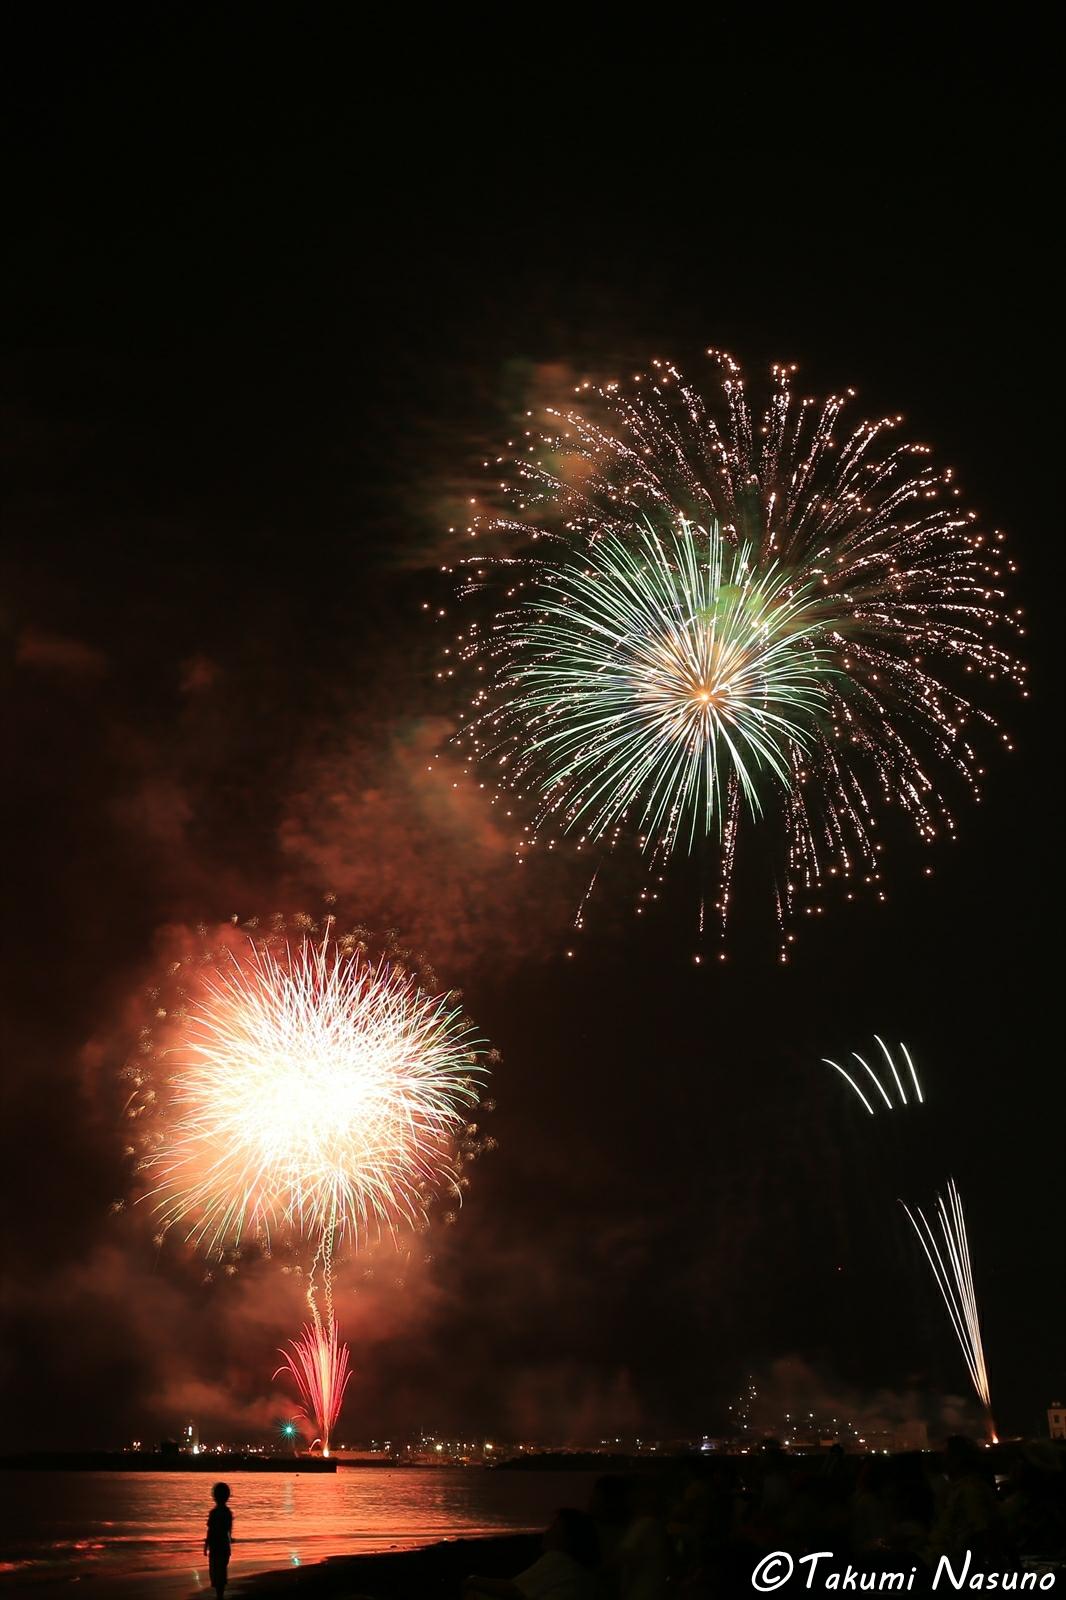 Anjinsai Fireworks at Ito